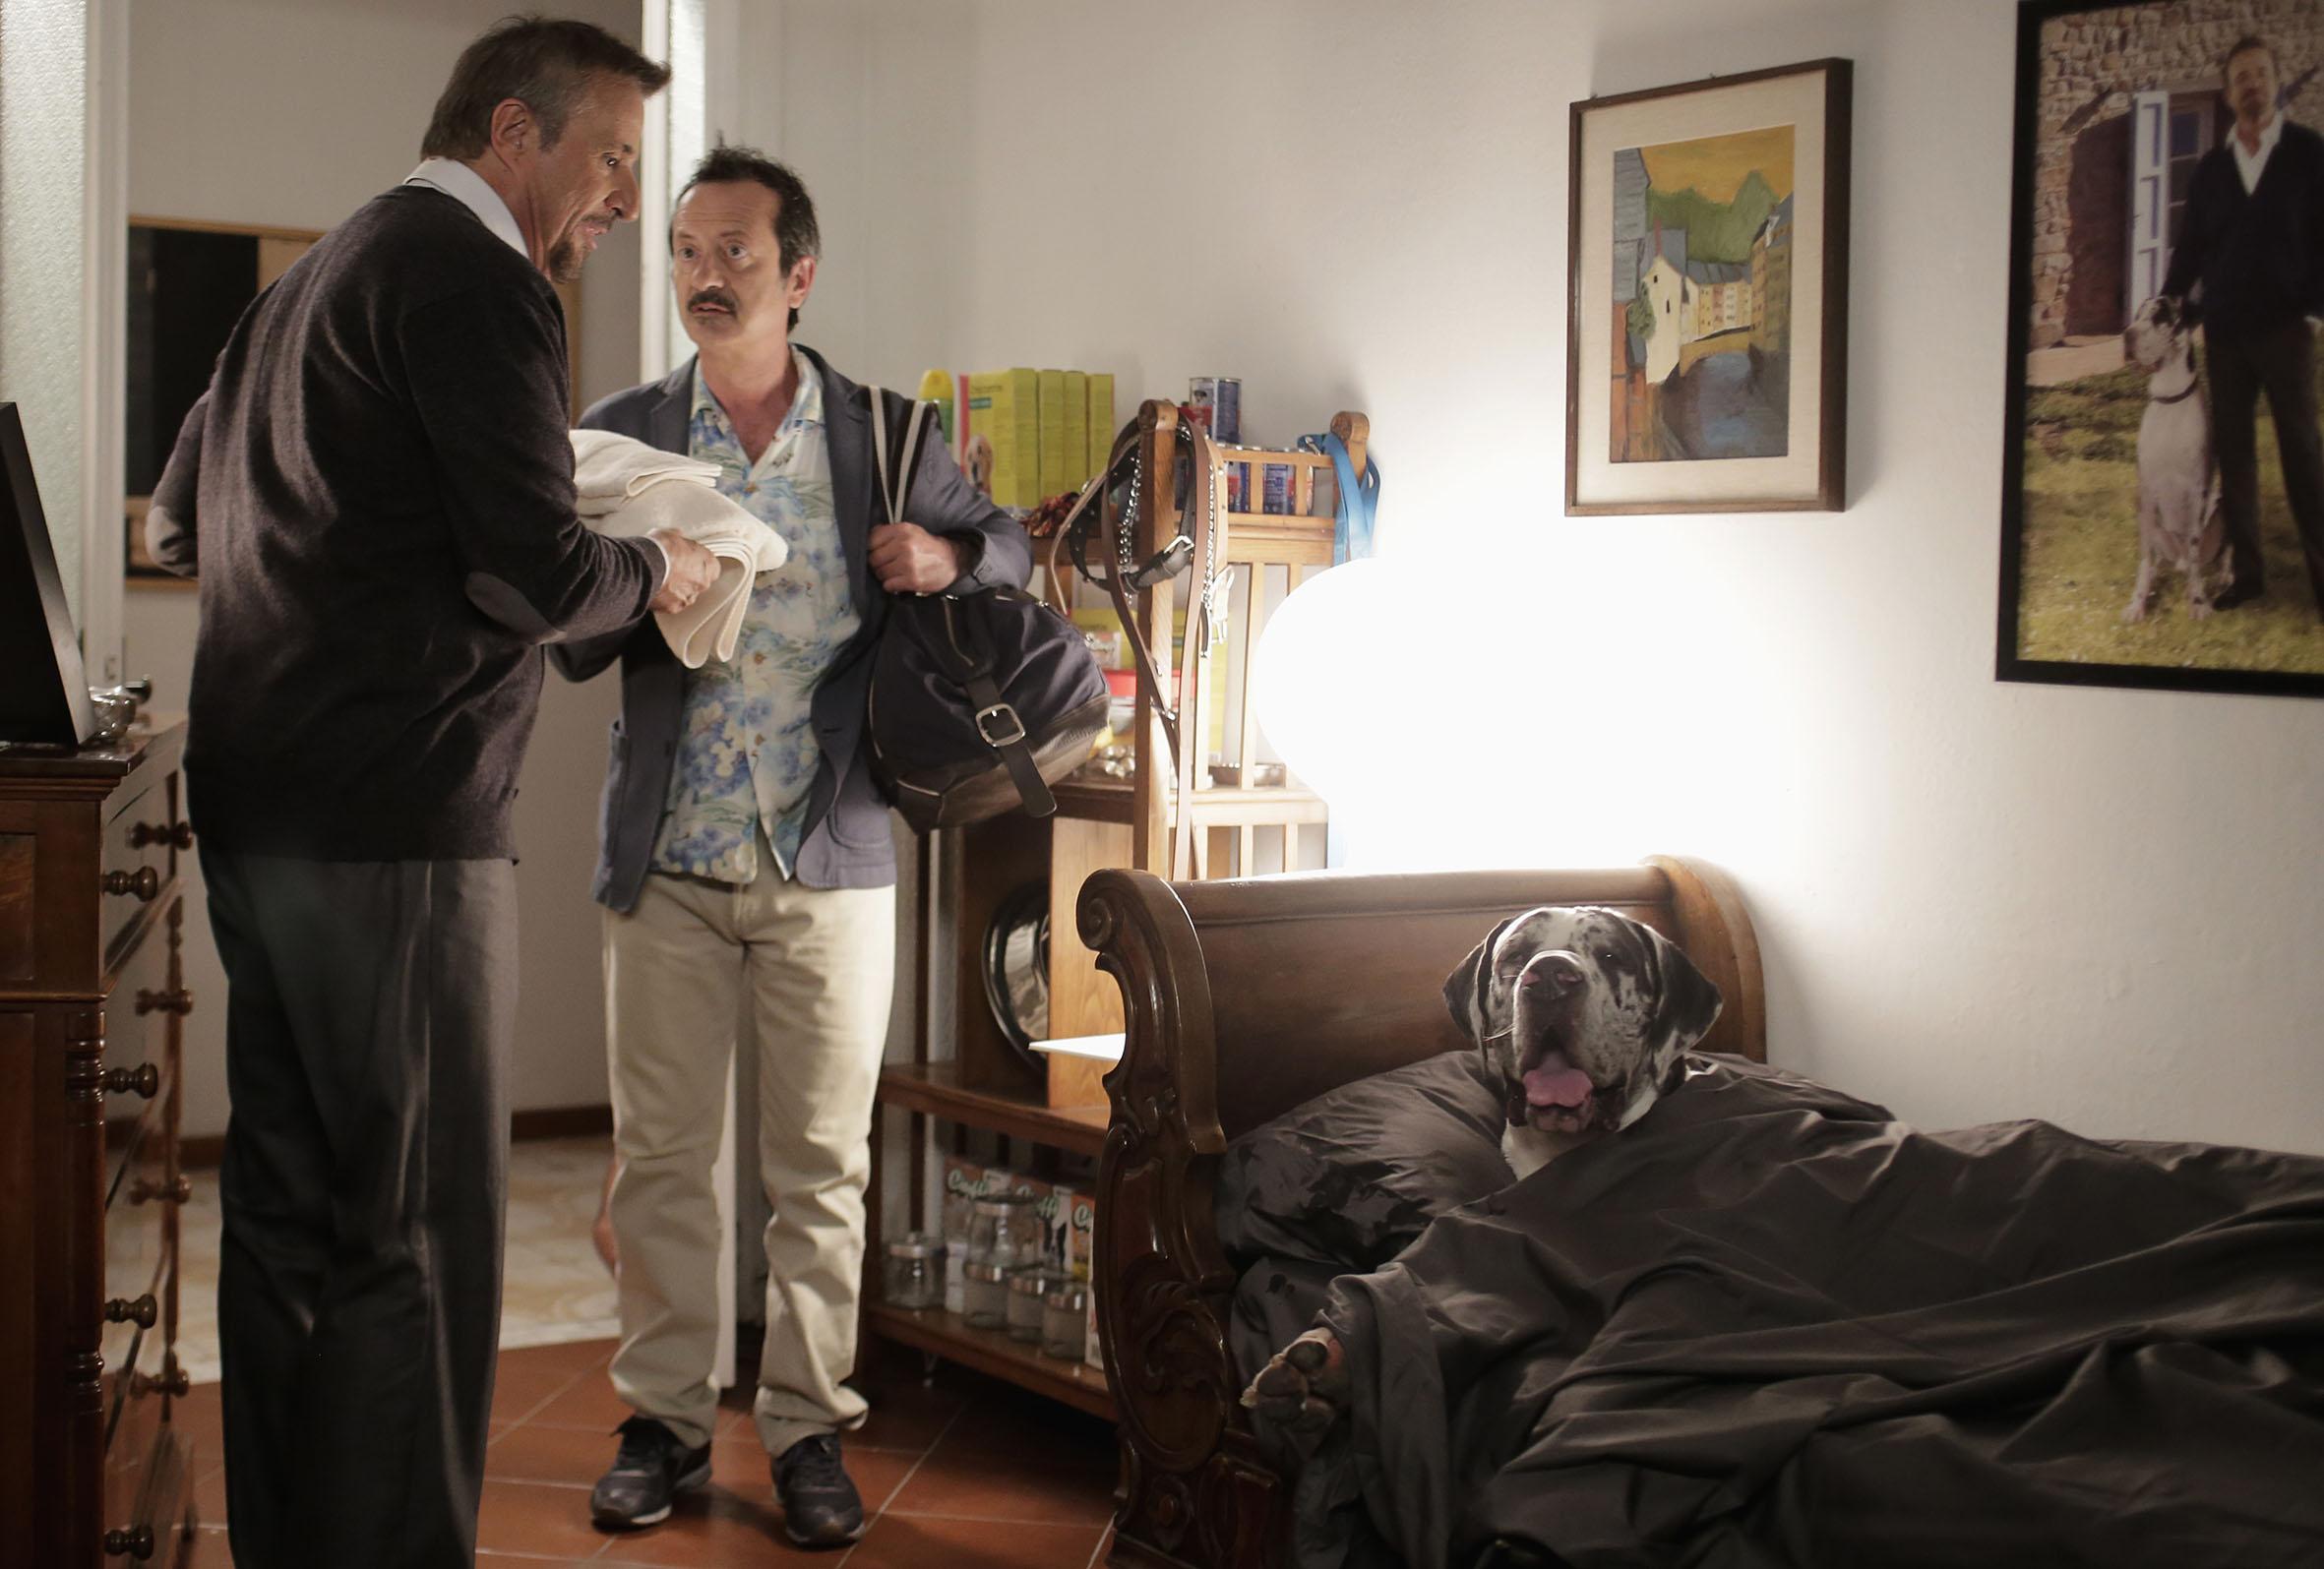 La scuola più bella del mondo: Christian De Sica con Rocco Papaleo in una scena del film